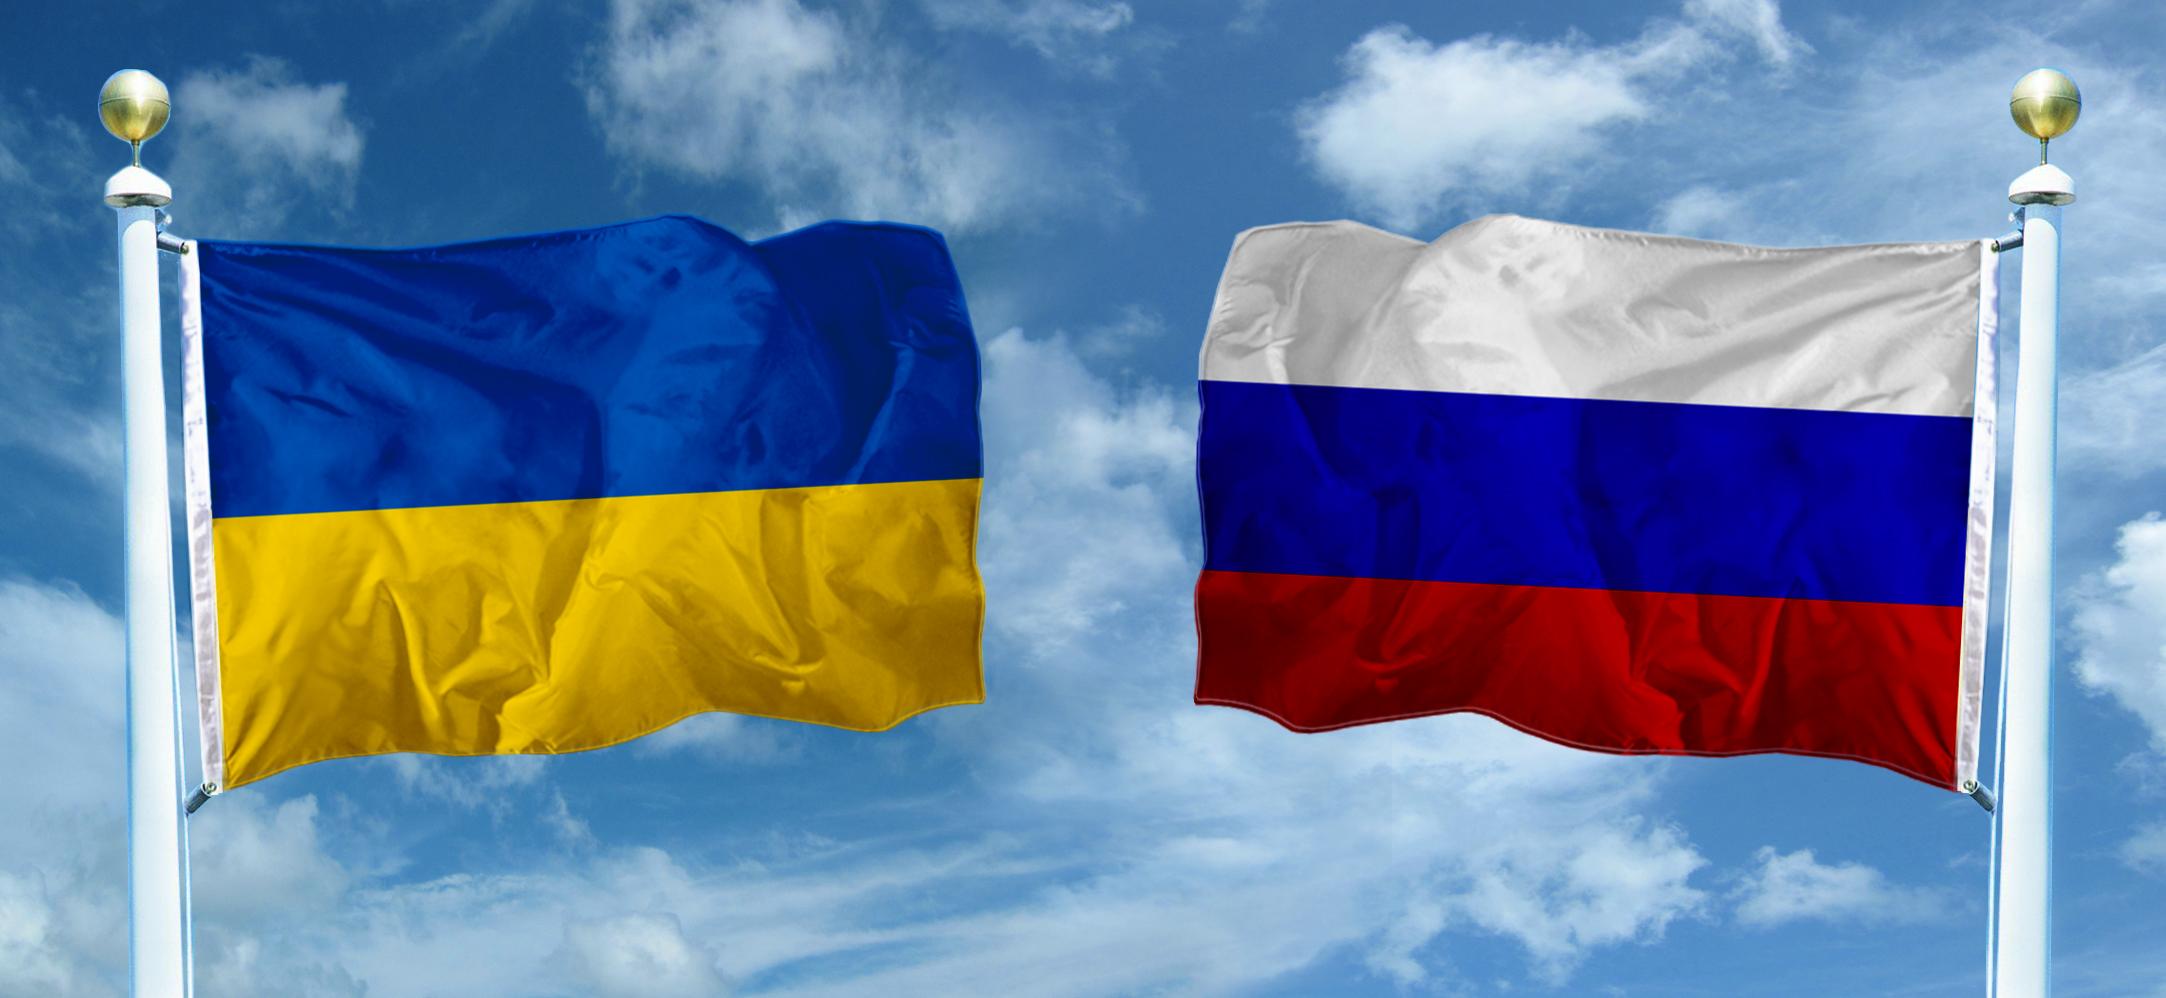 1376996464_ukraina-vedet-intensivnye-peregovory-s-rossiyskoy-storonoy-po-vsem-napravleniyam